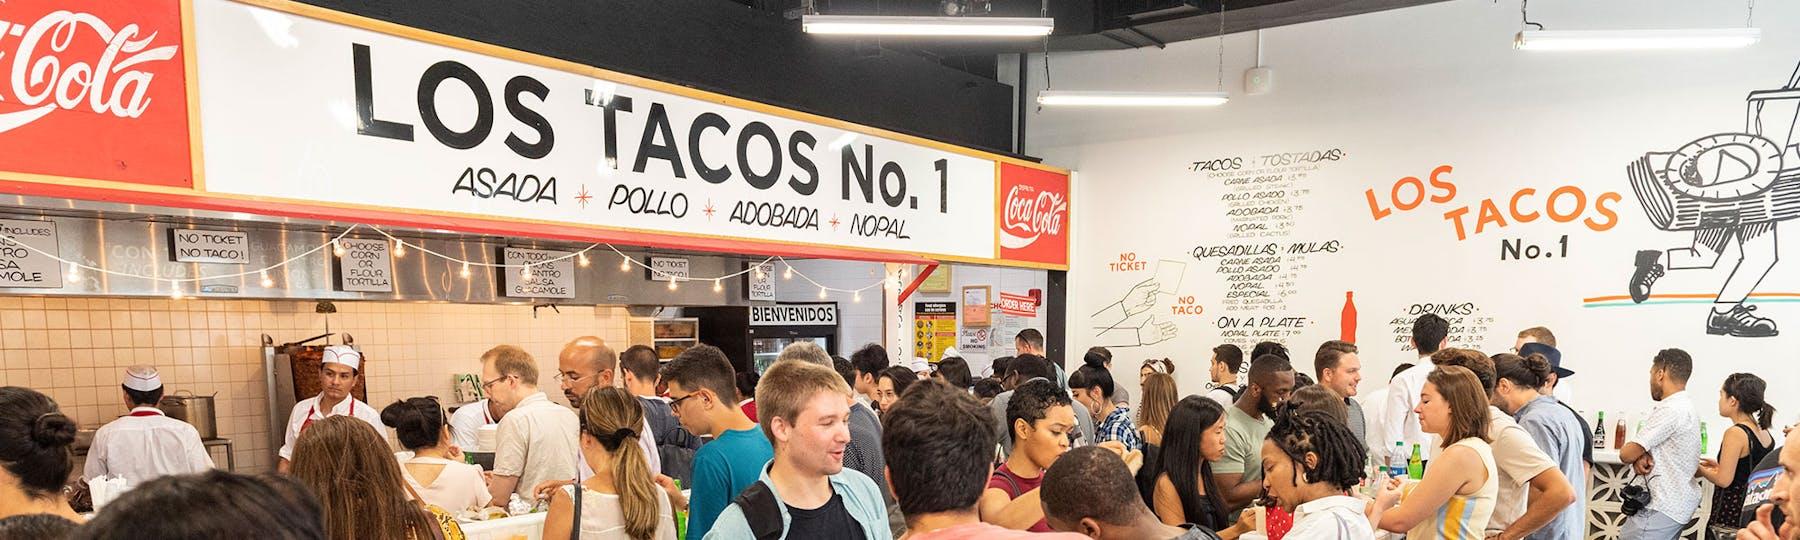 interior shot of Los Tacos No. 1